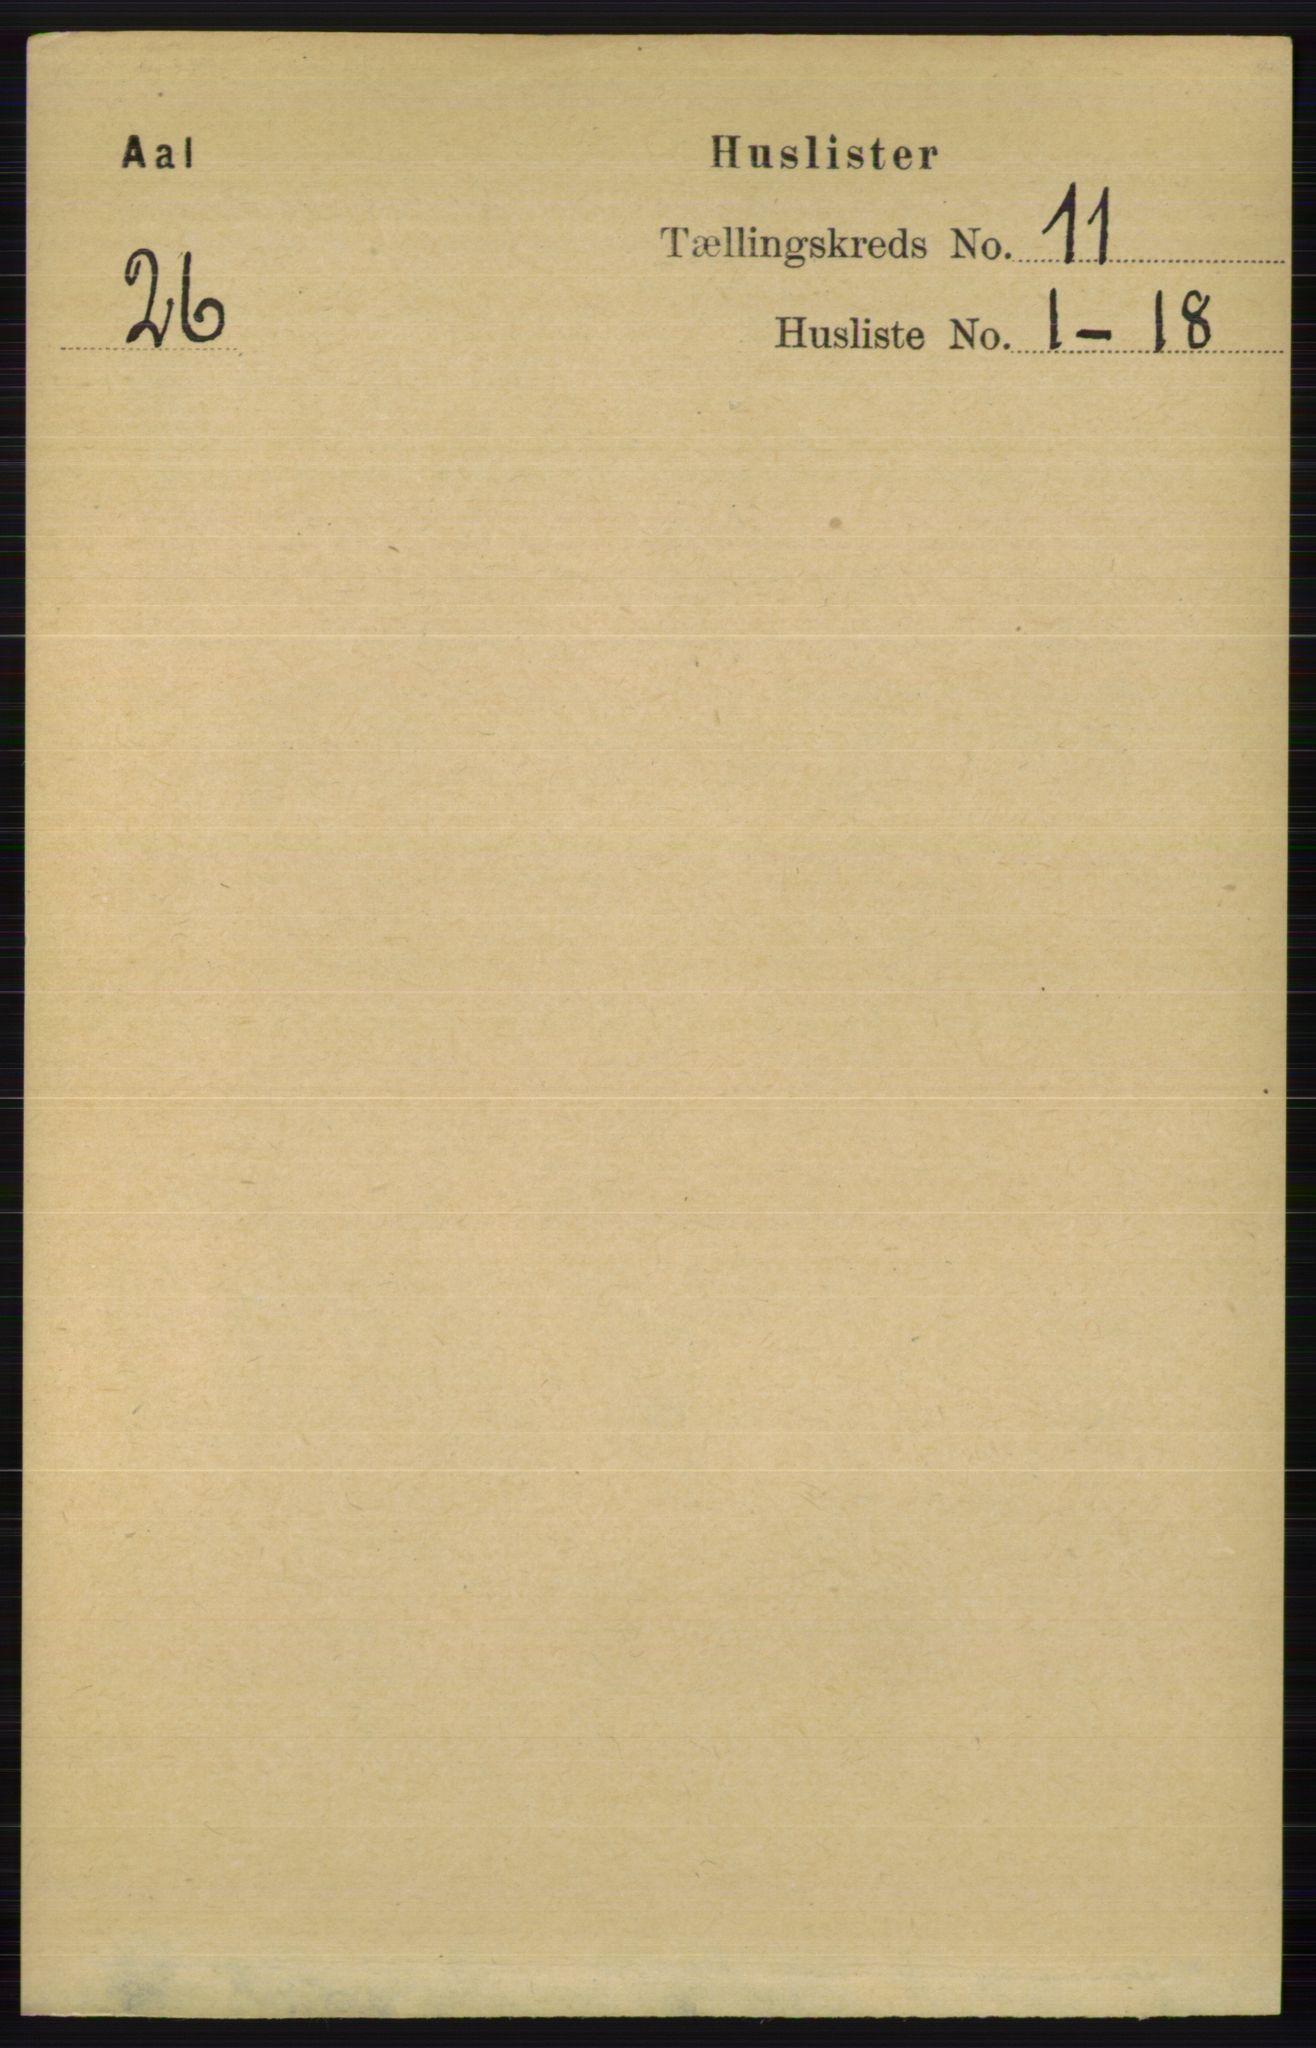 RA, Folketelling 1891 for 0619 Ål herred, 1891, s. 2848